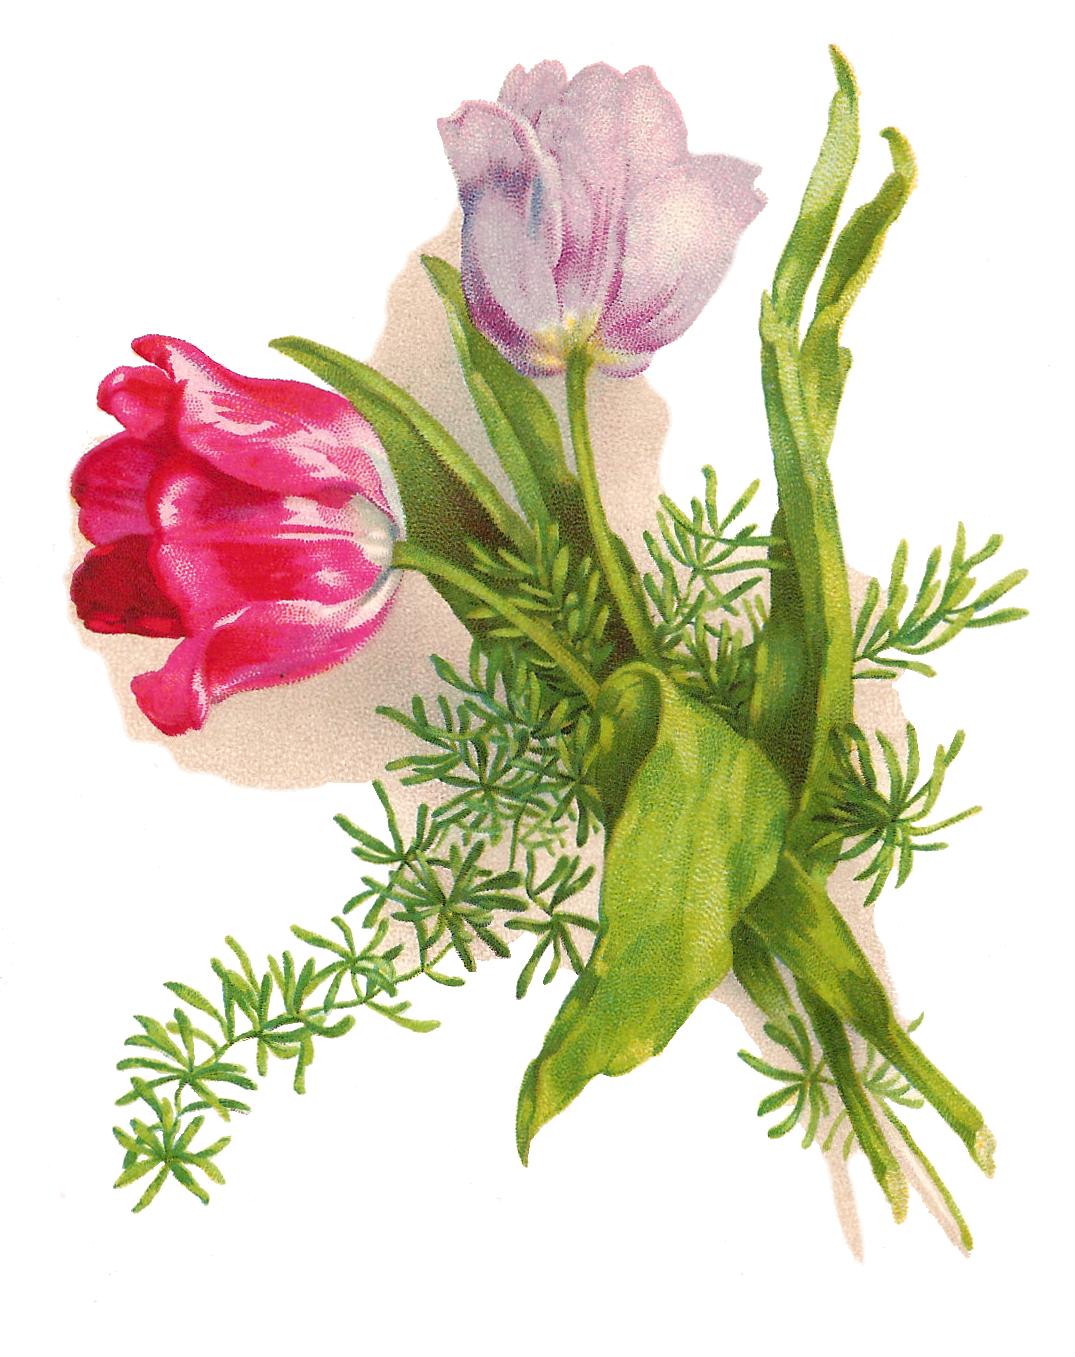 snowball flower clipart